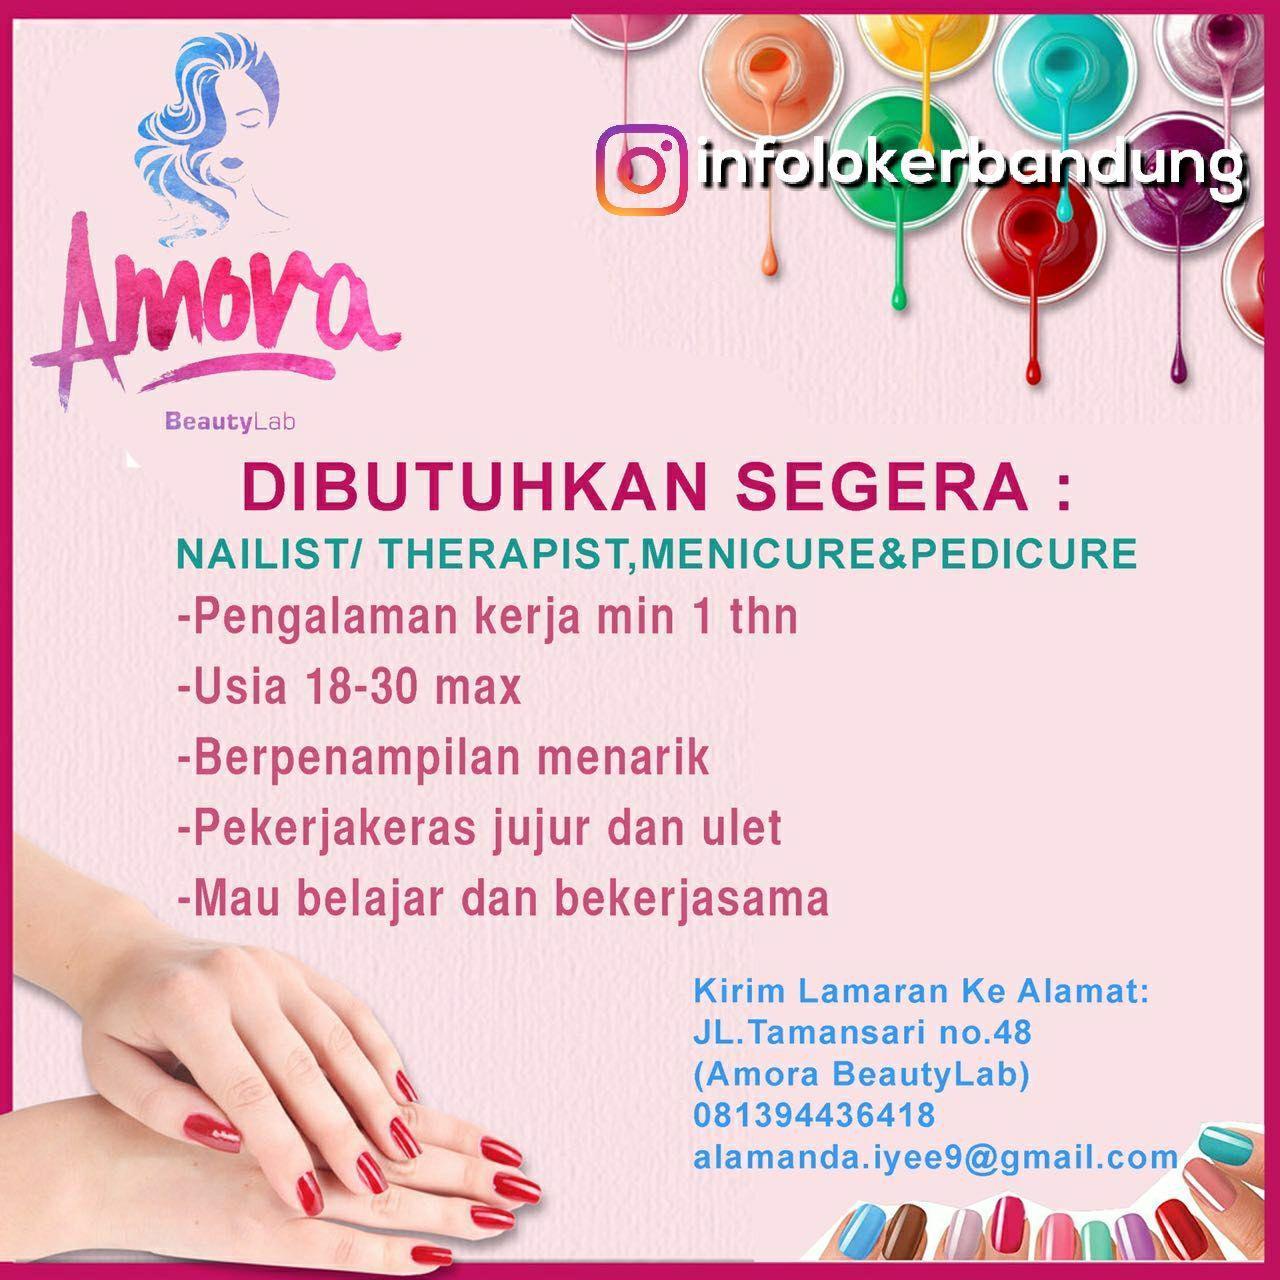 Lowongan Kerja Amora Beauty Lab Bandung Februari 2018